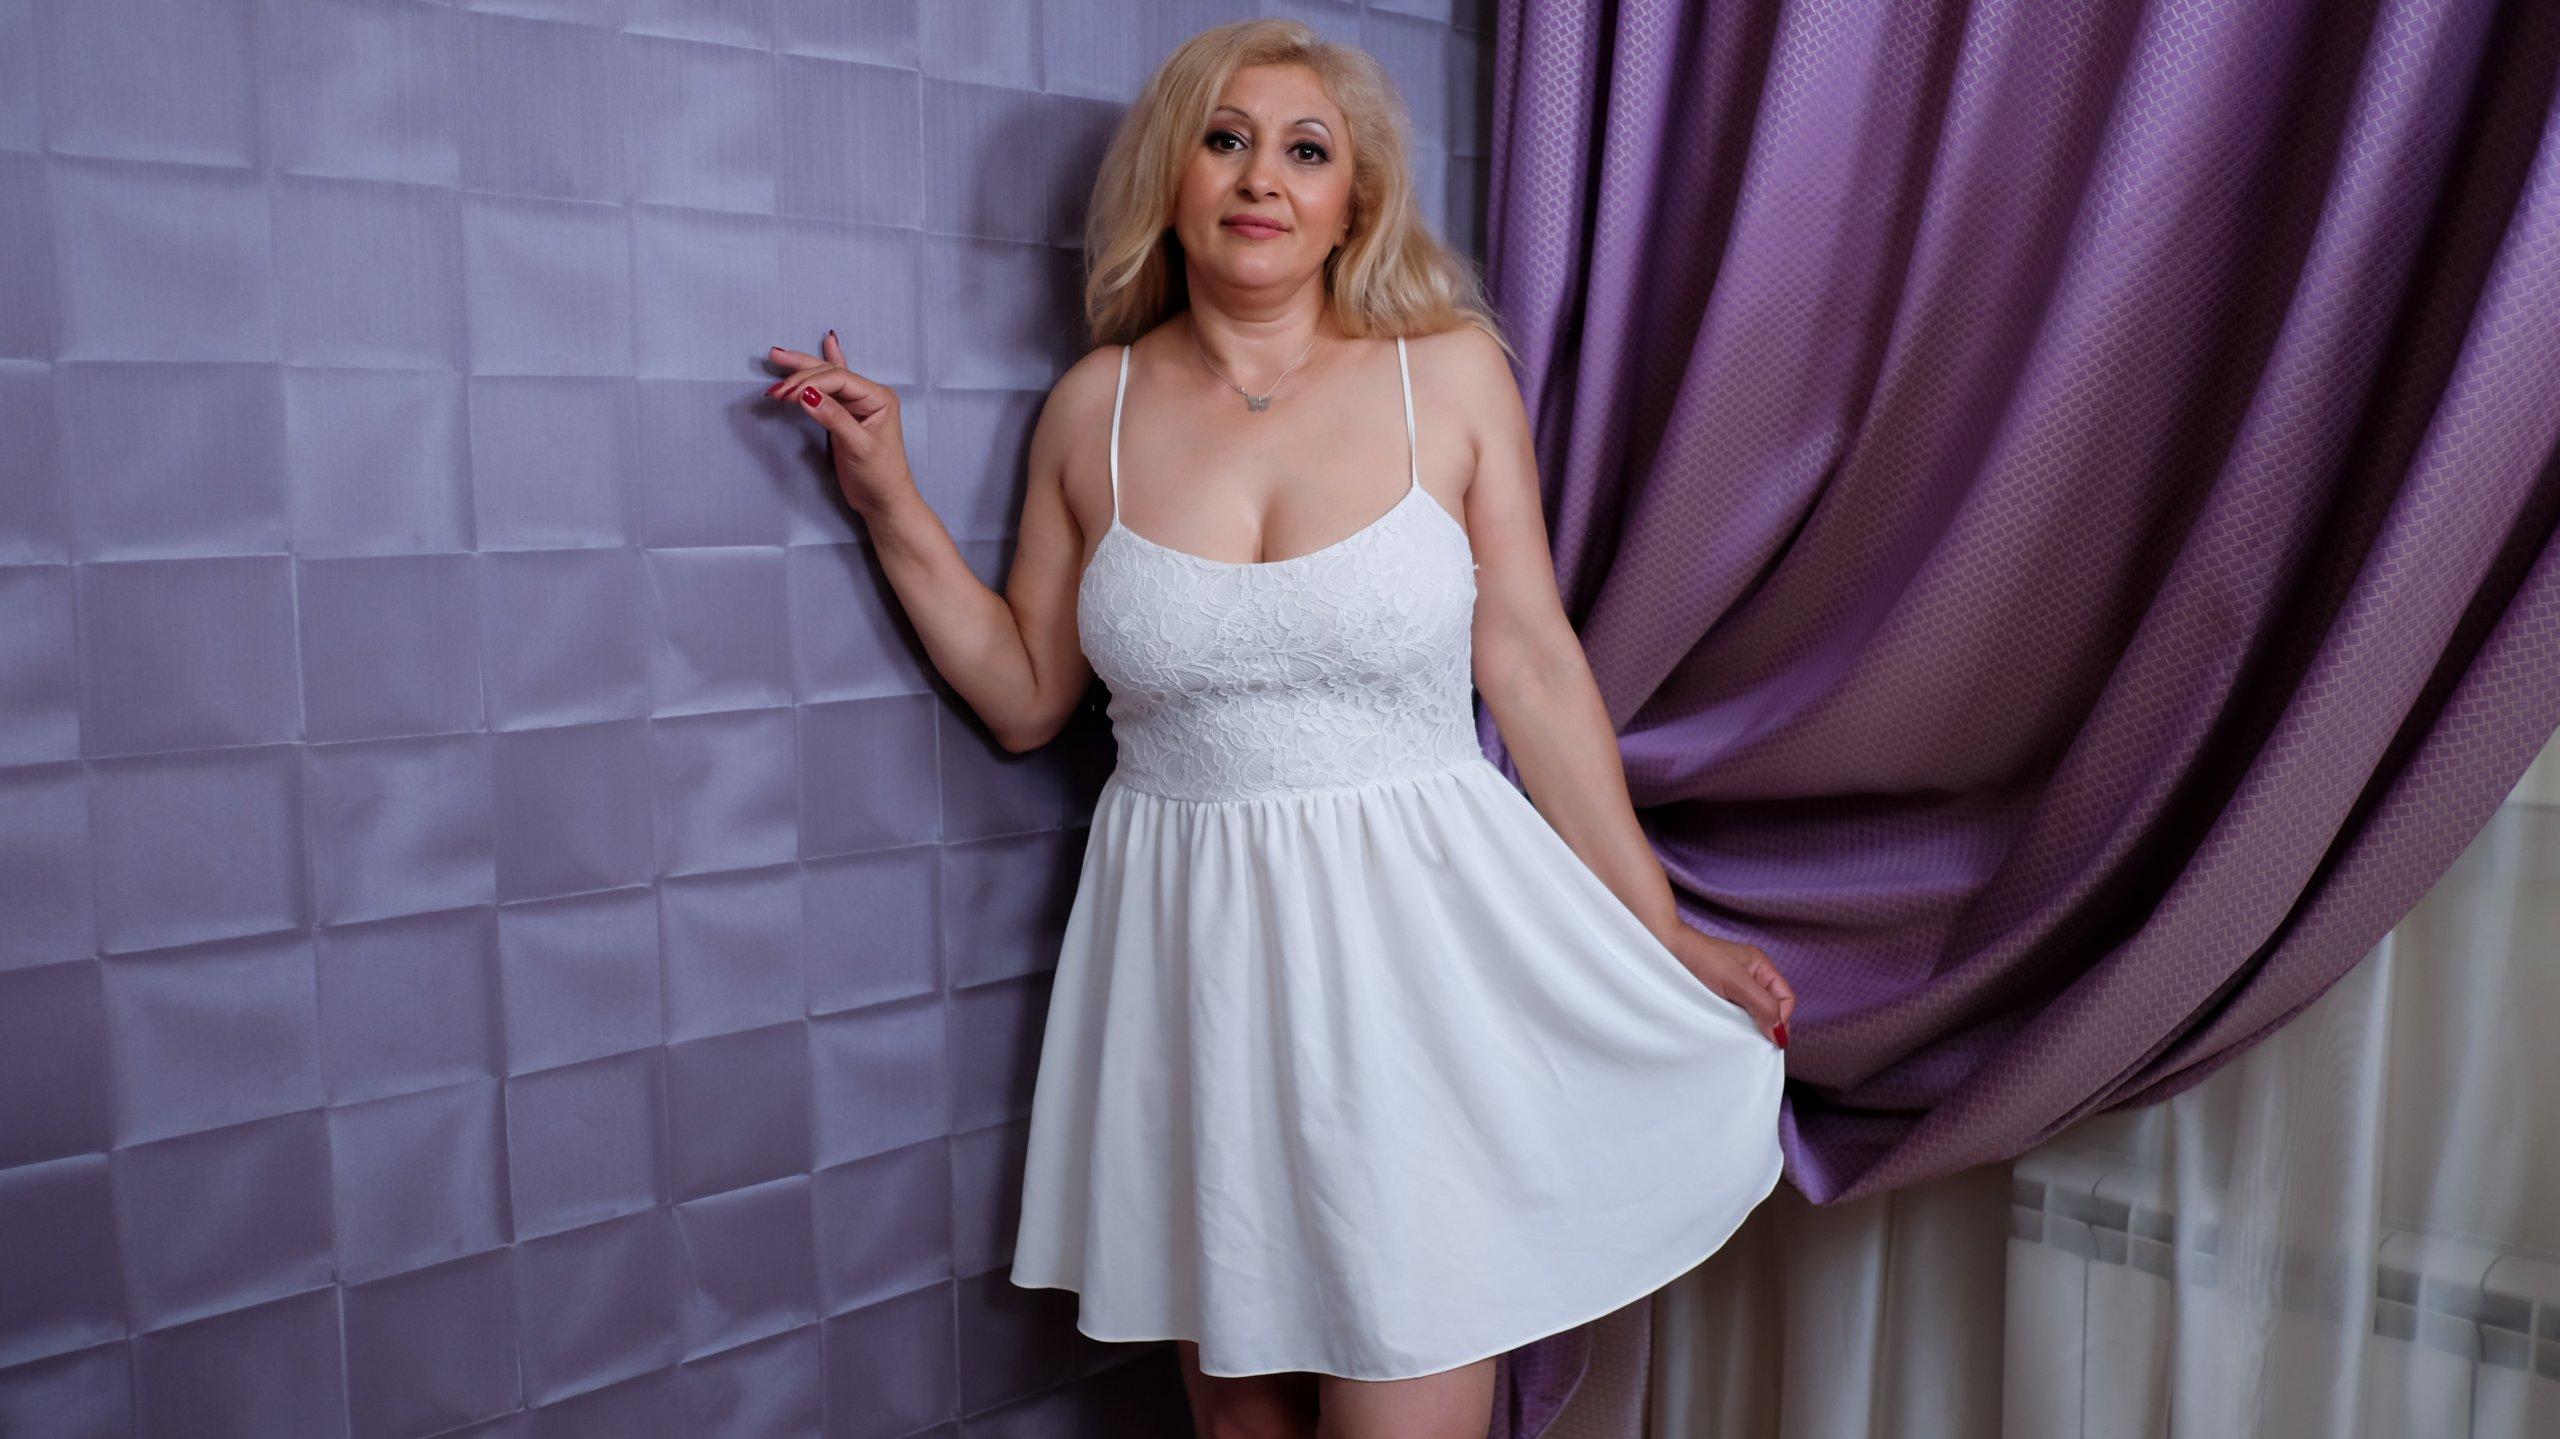 σέξι ώριμη εσώρουχα φωτογραφίες το καλύτερο της λεσβιακής πορνό